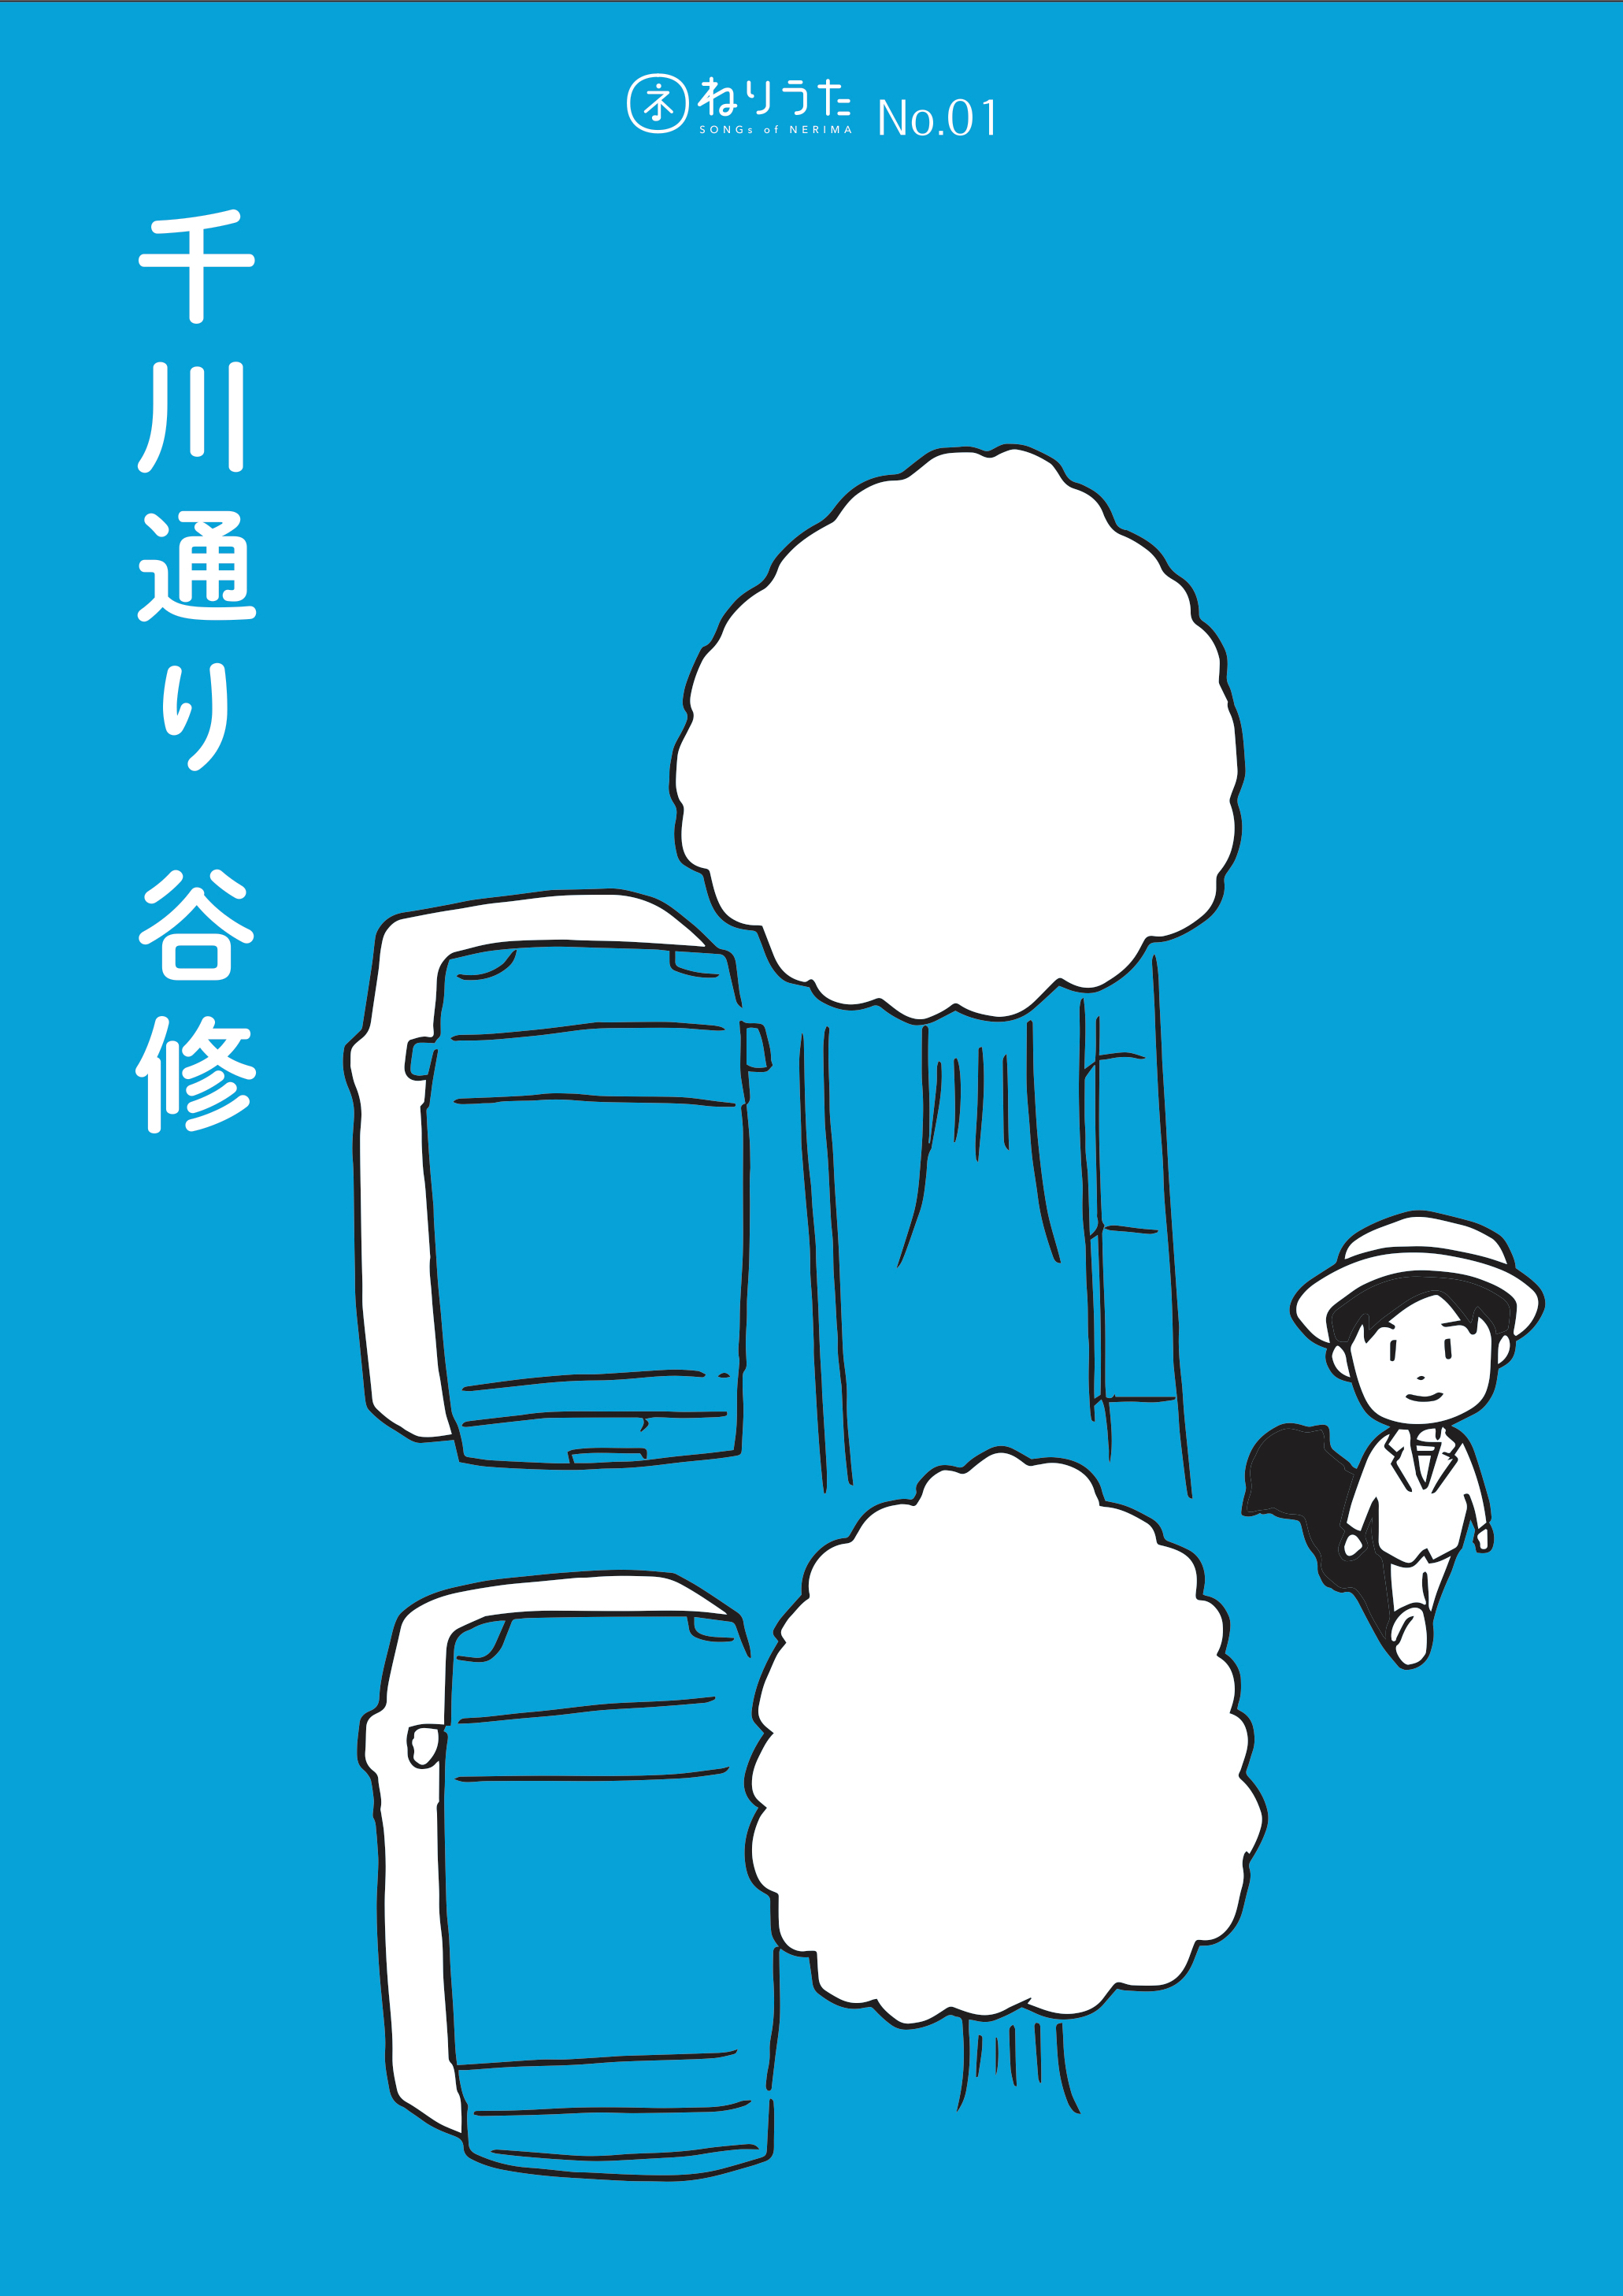 ねりうた #01 「千川通り」ダウンロード版